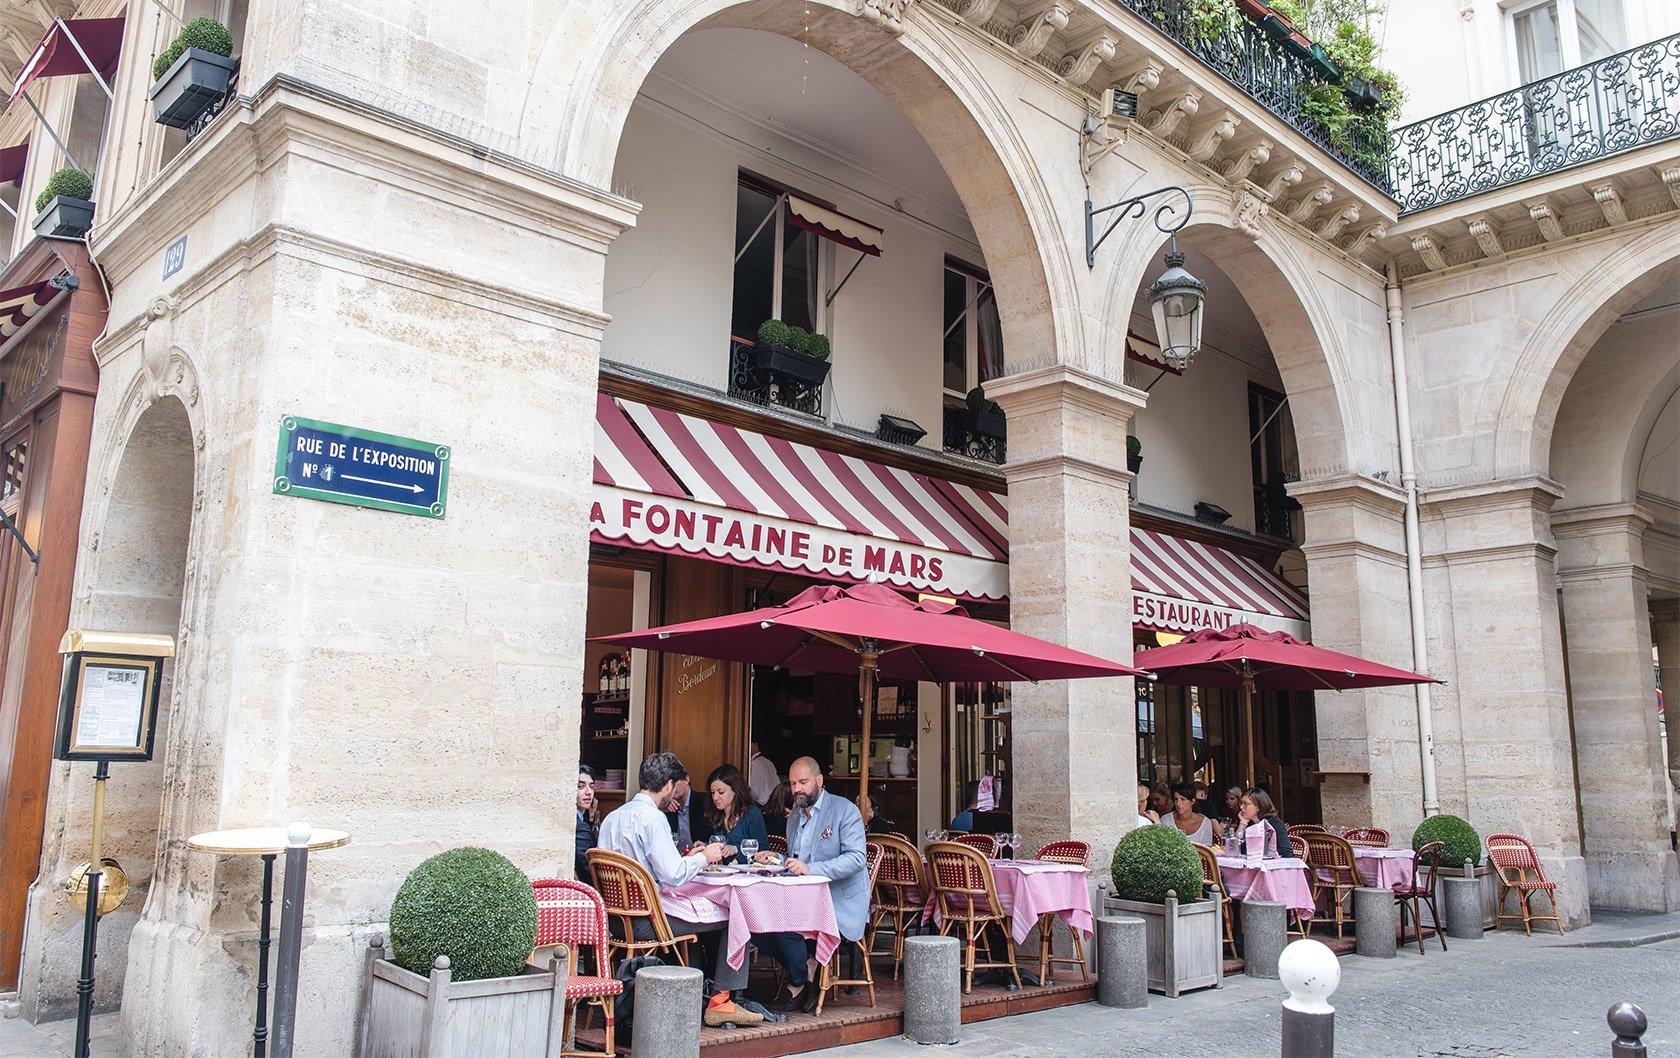 HW-fountain-du-mars-cafe-original-1